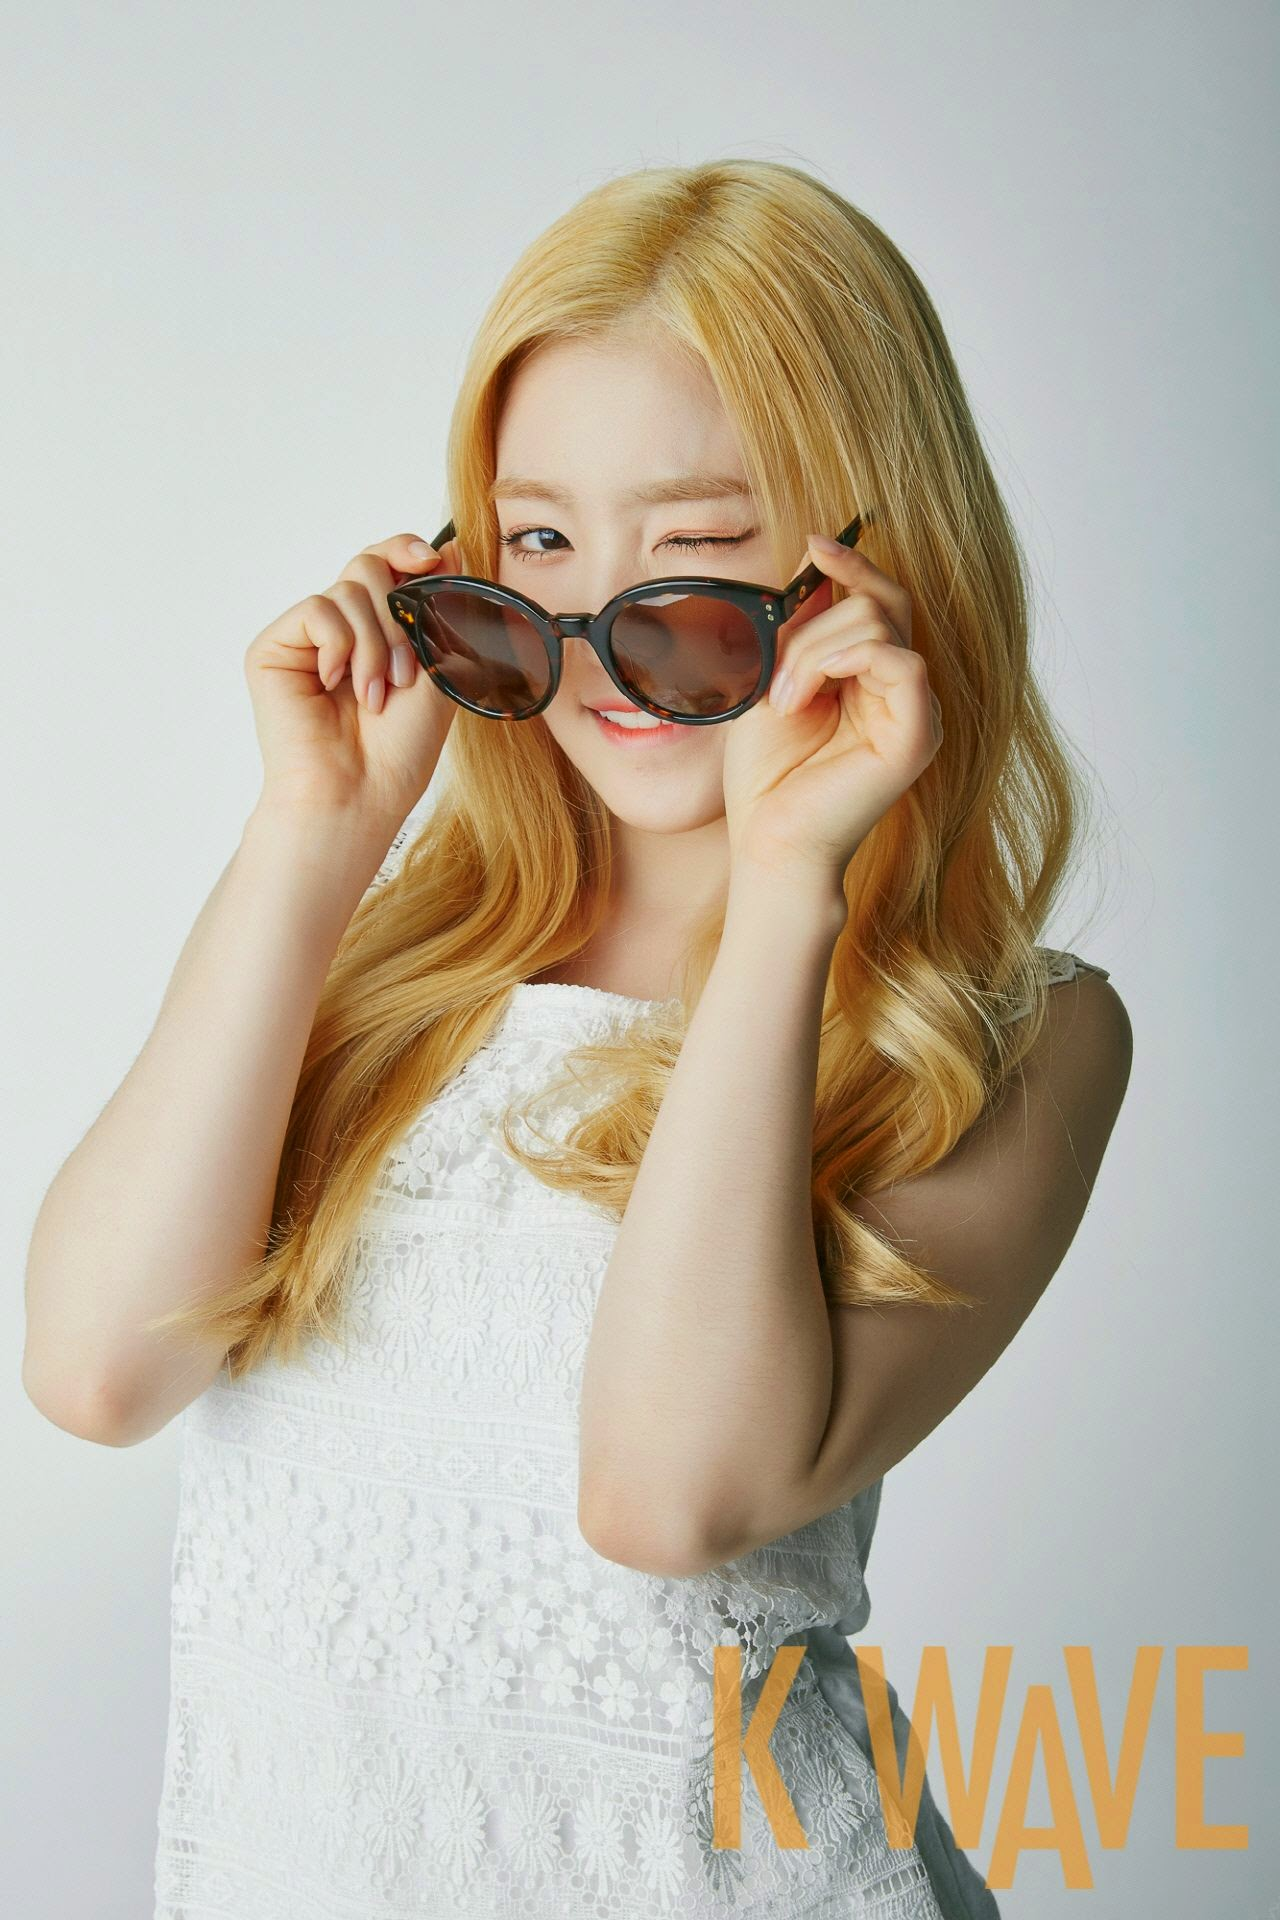 Irene Red Velvet Kwave May 2015